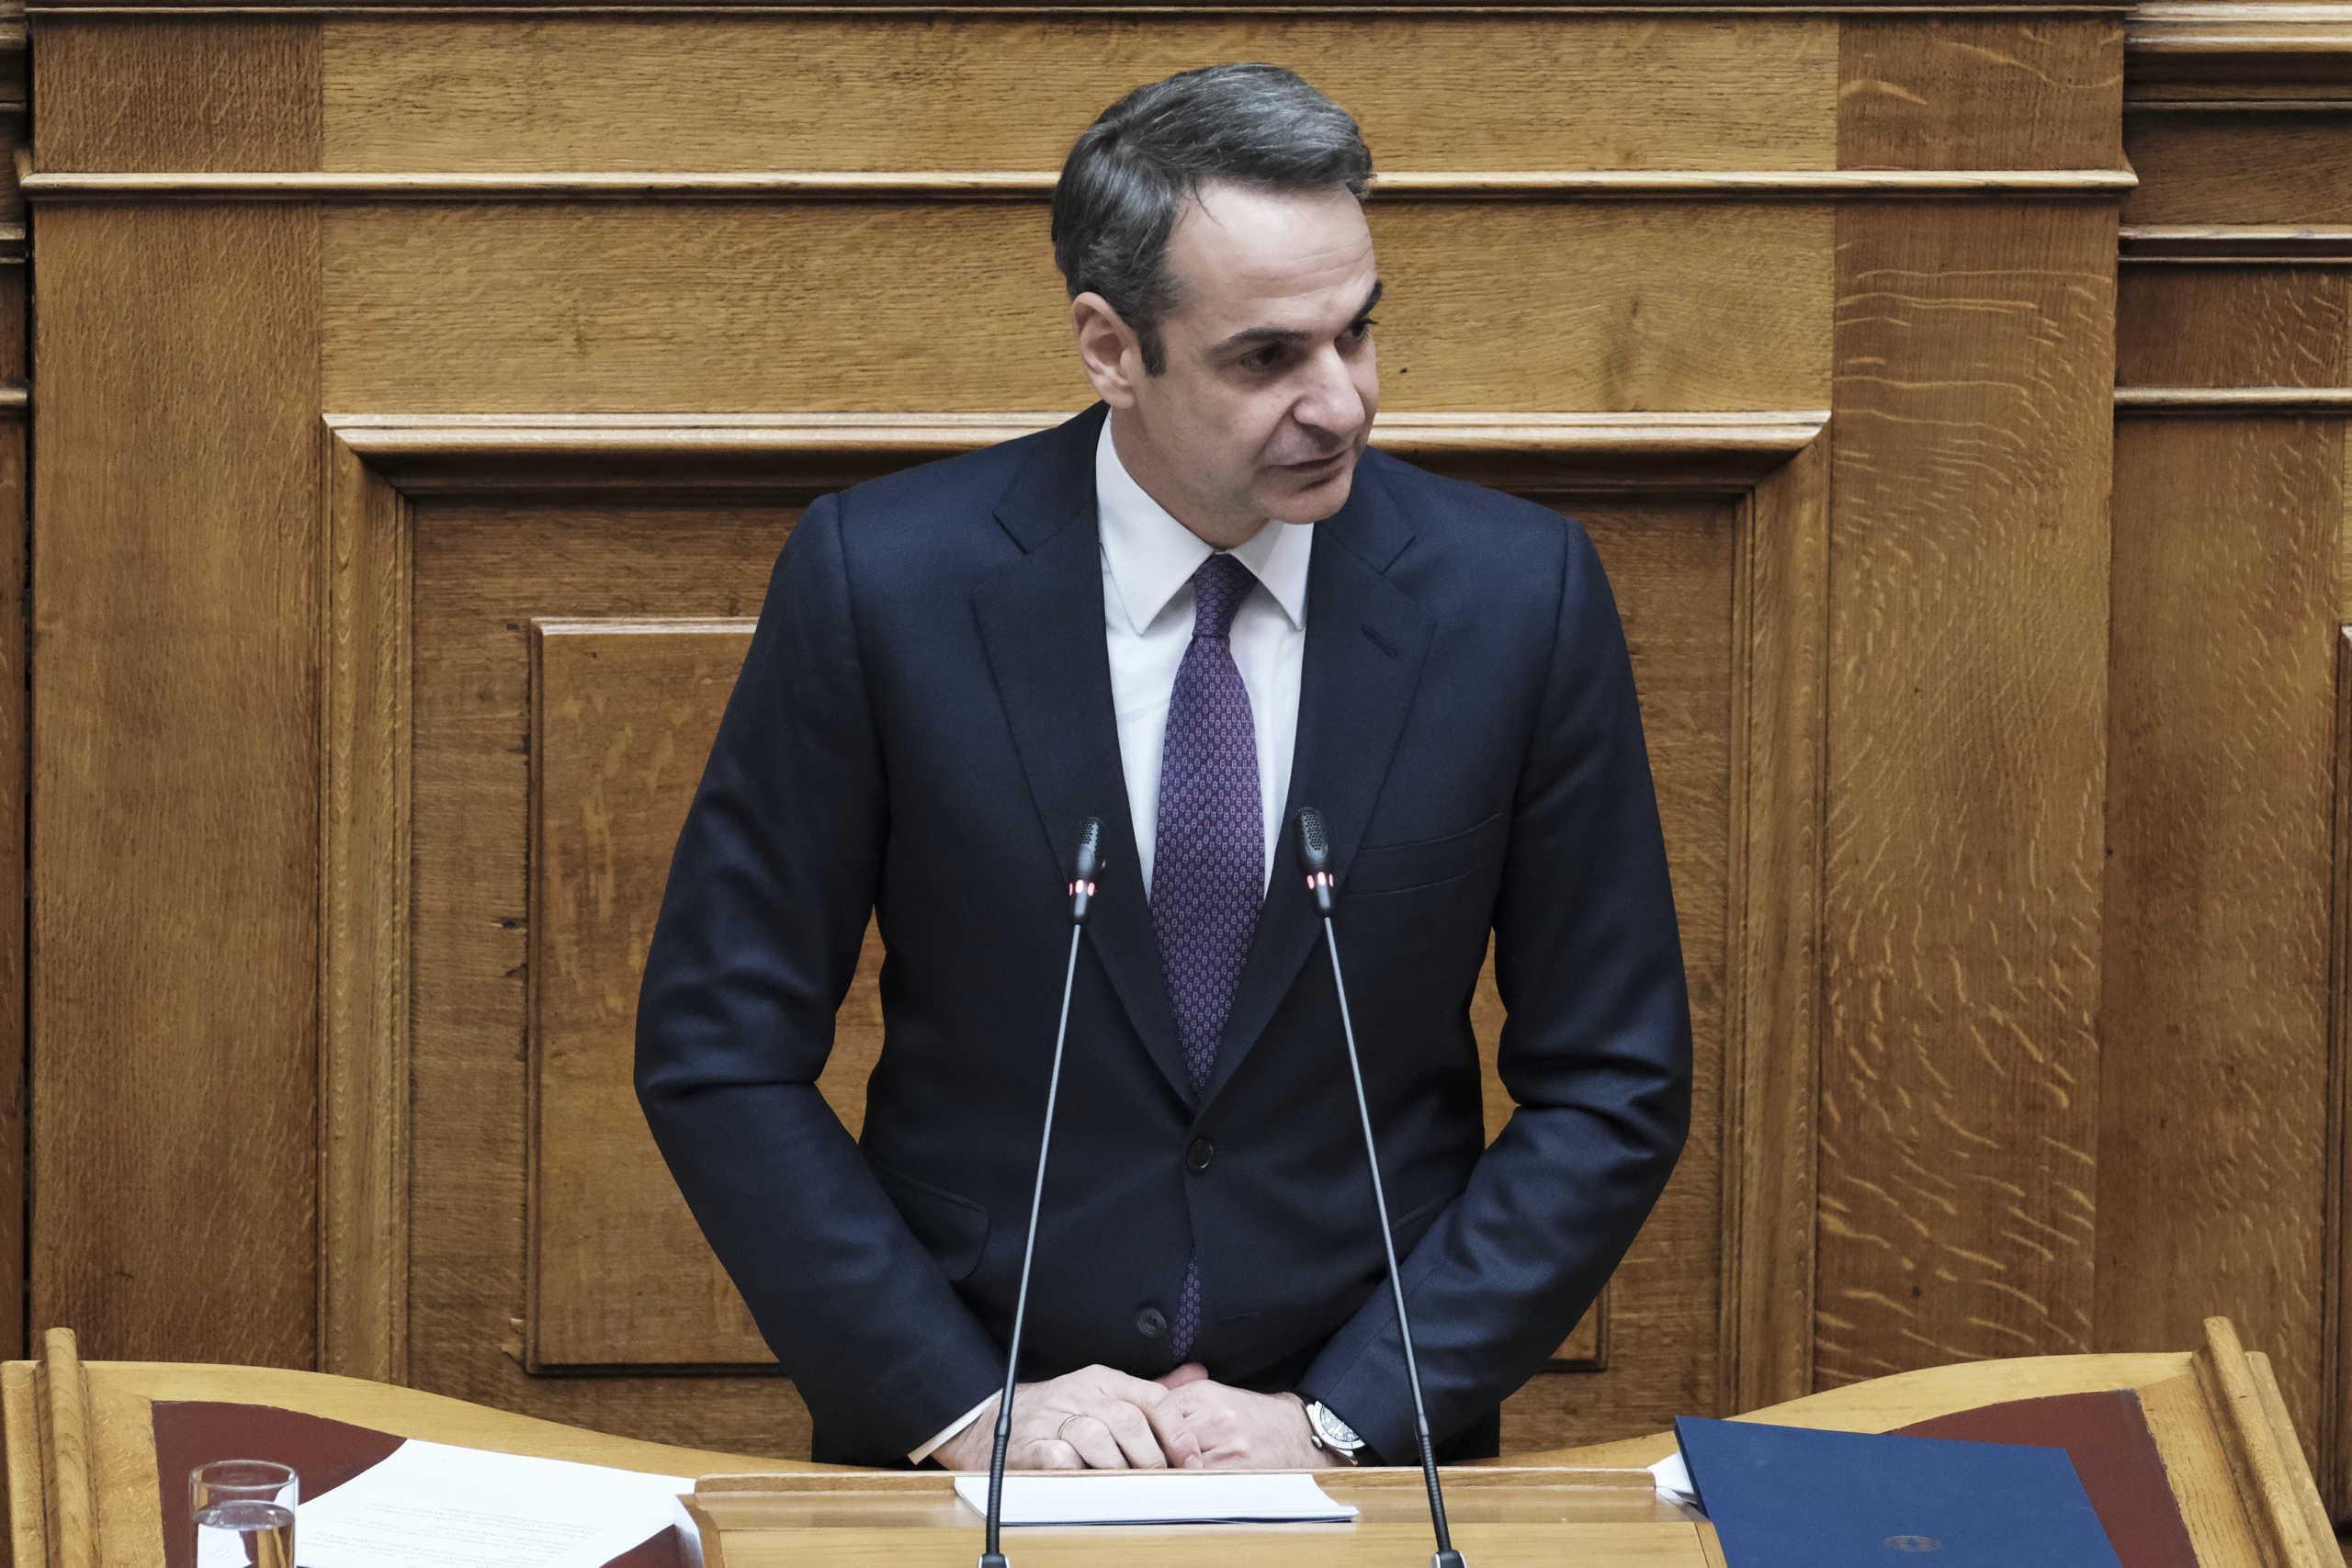 Νέες φορολογικές ελαφρύνσεις εξήγγειλε ο πρωθυπουργός – Αυξάνονται οι δόσεις για φόρους και ΕΝΦΙΑ